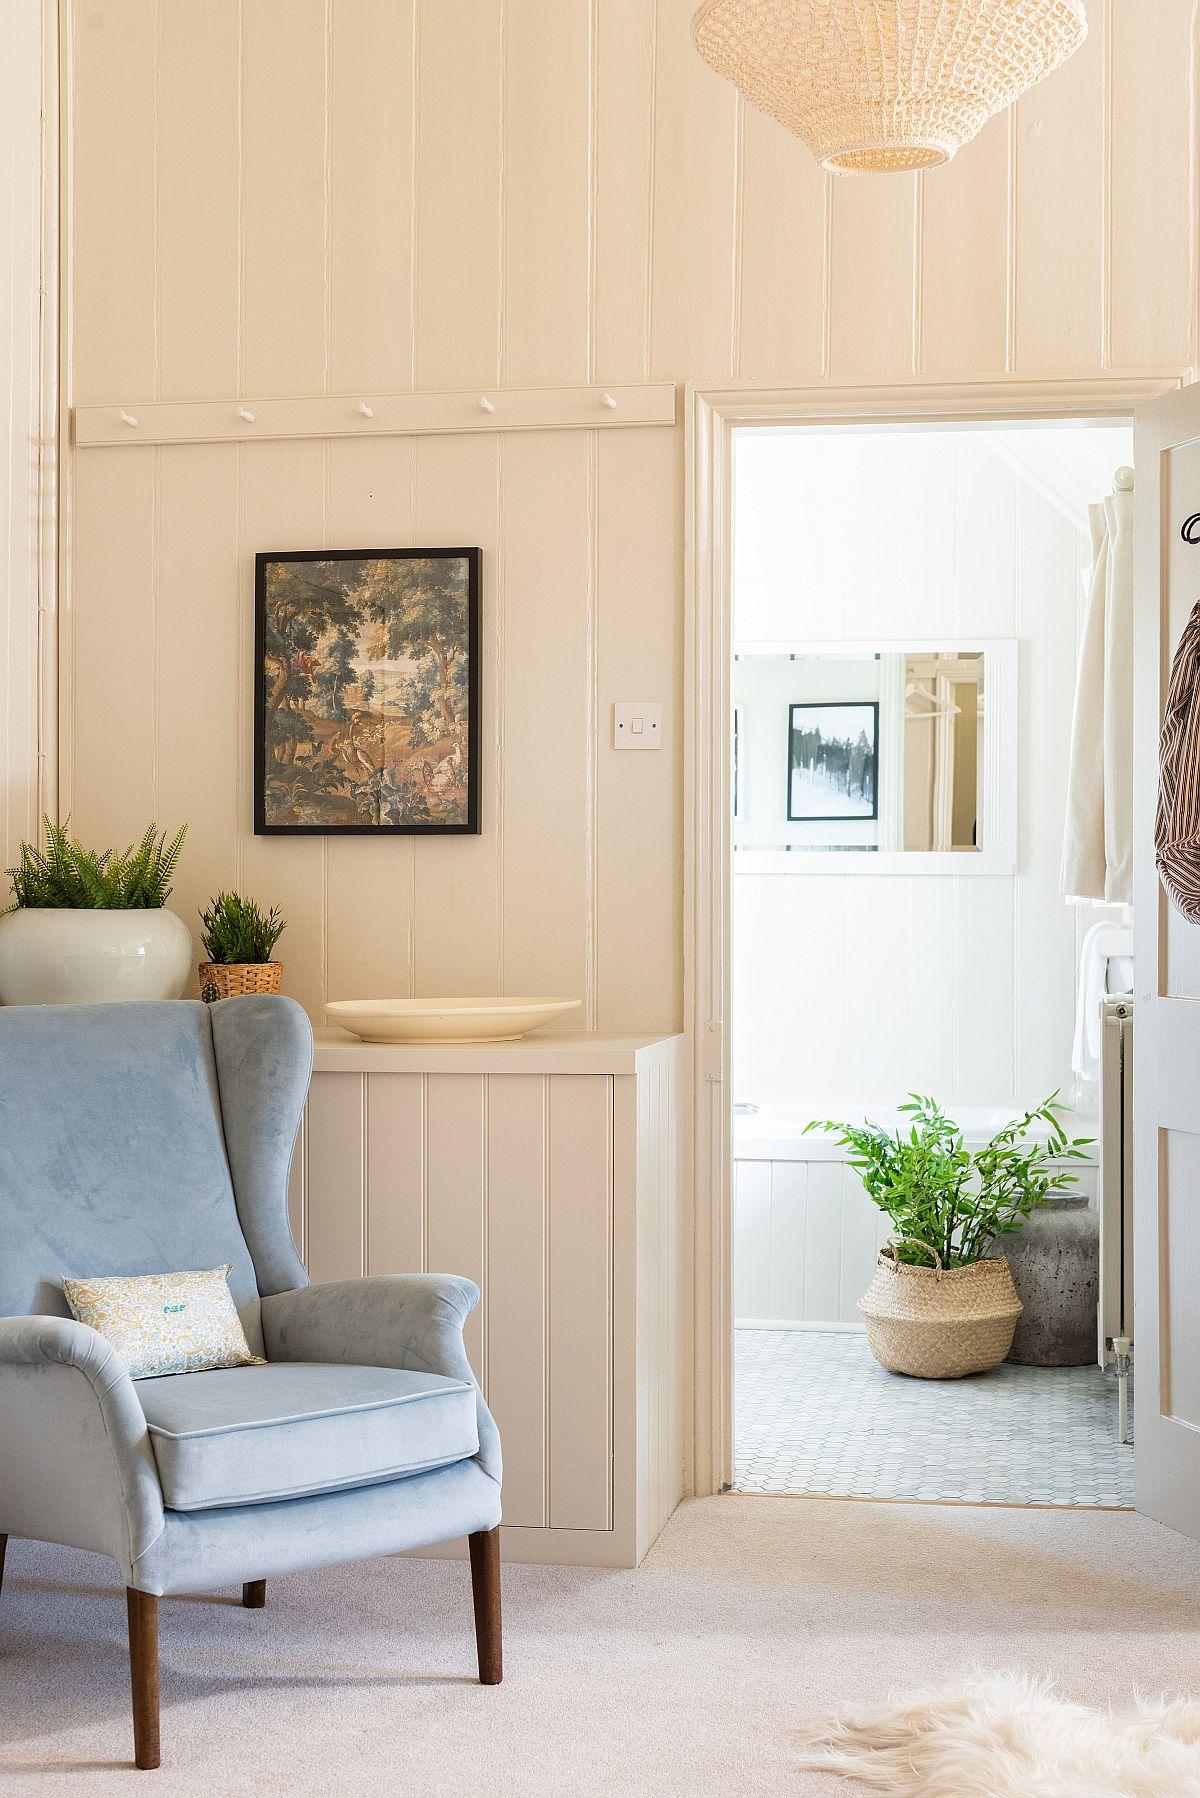 Dormitorul matirmonial beneficiază de propria baie. De remarcat faptul că pardoseala domritorului este îmbrăcată cu mochetă pentru mai mult confort. Nuanțele folositeîn camera de baie sunt similare dormitorului, continuând cromatica și stilul armonios al casei.